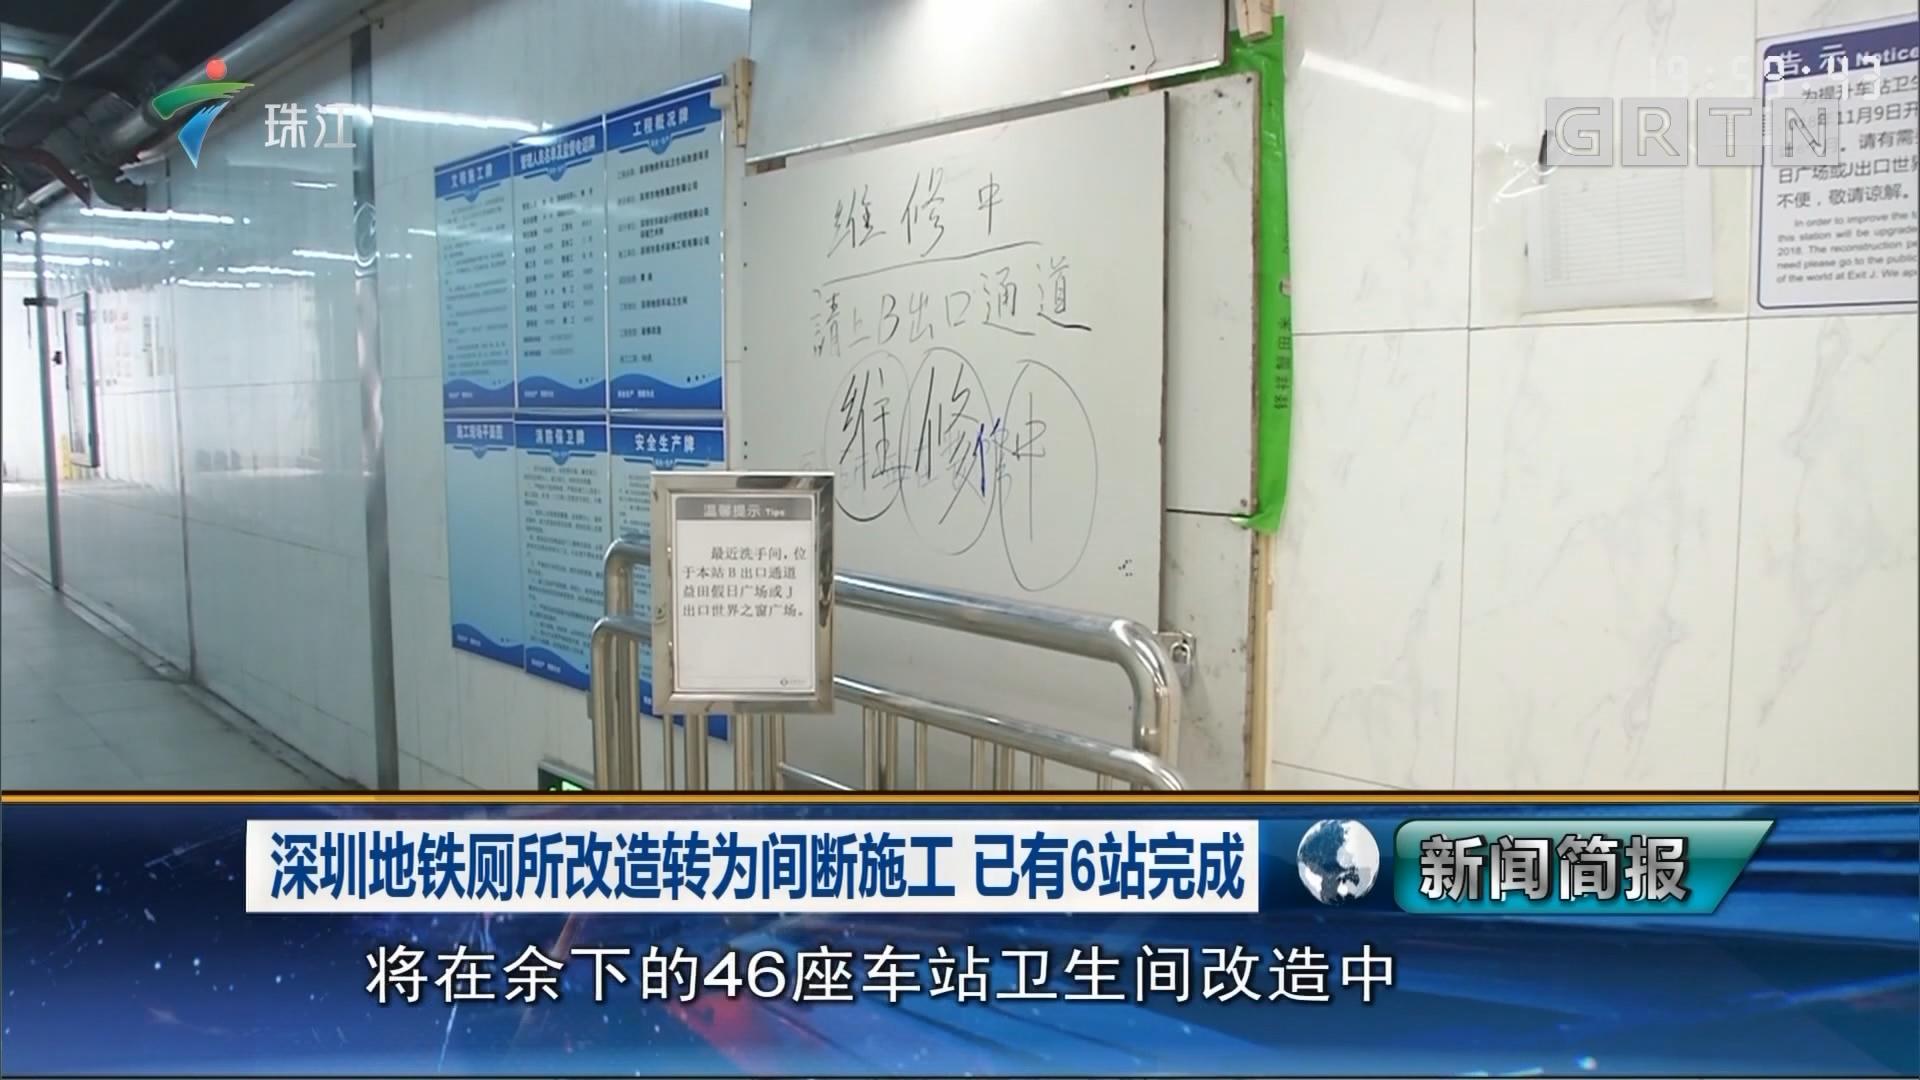 深圳地铁厕所改造转为间断施工 已有6站完成